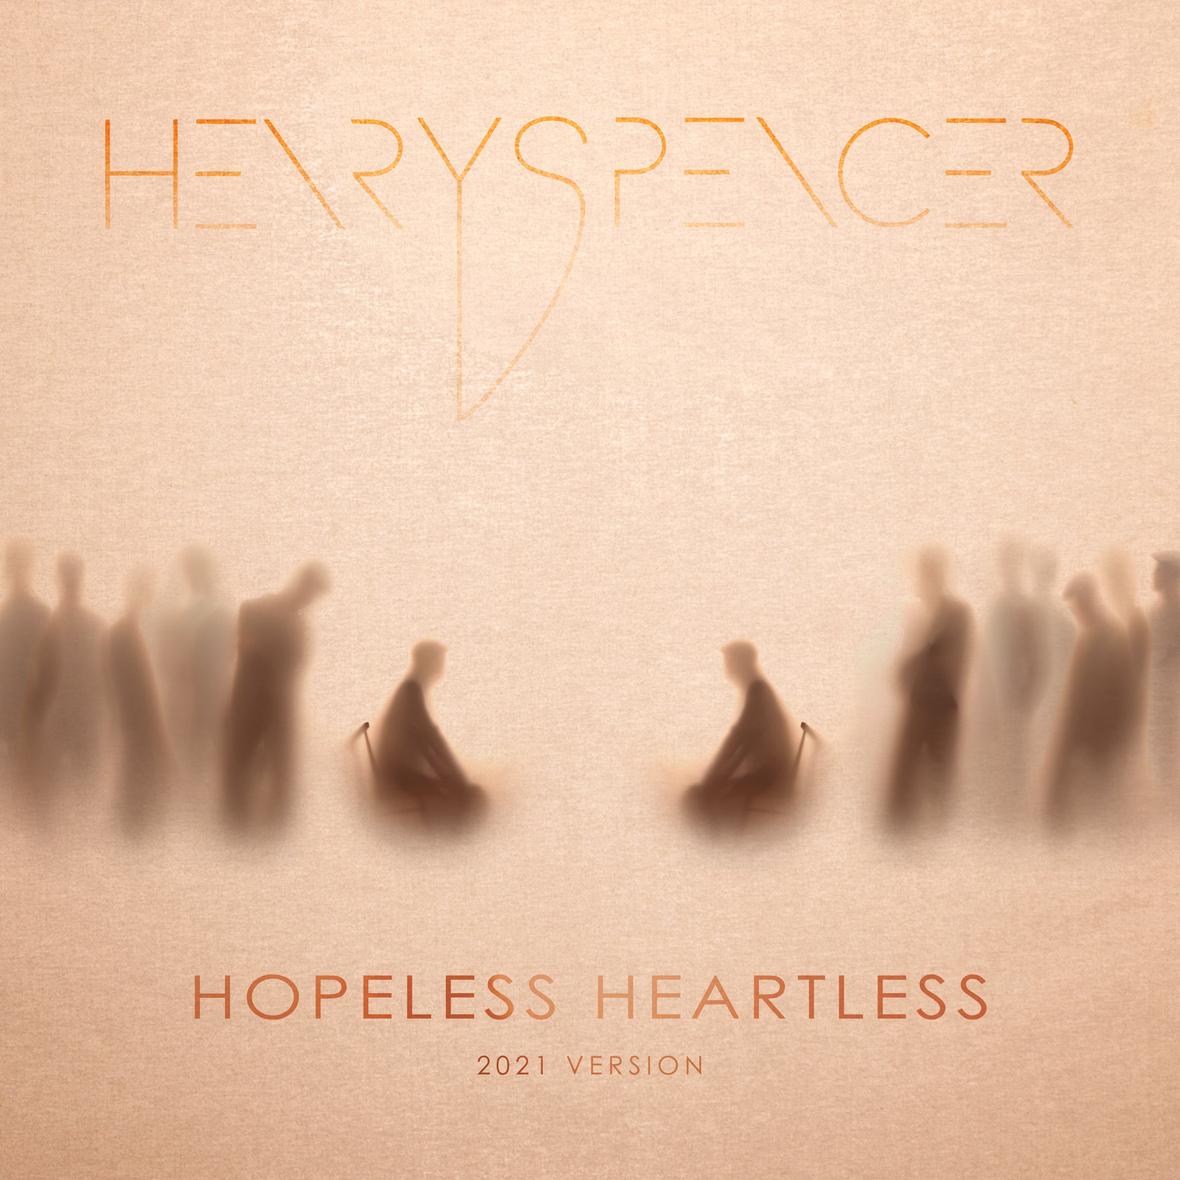 HenrySpencer AlbumCover 02